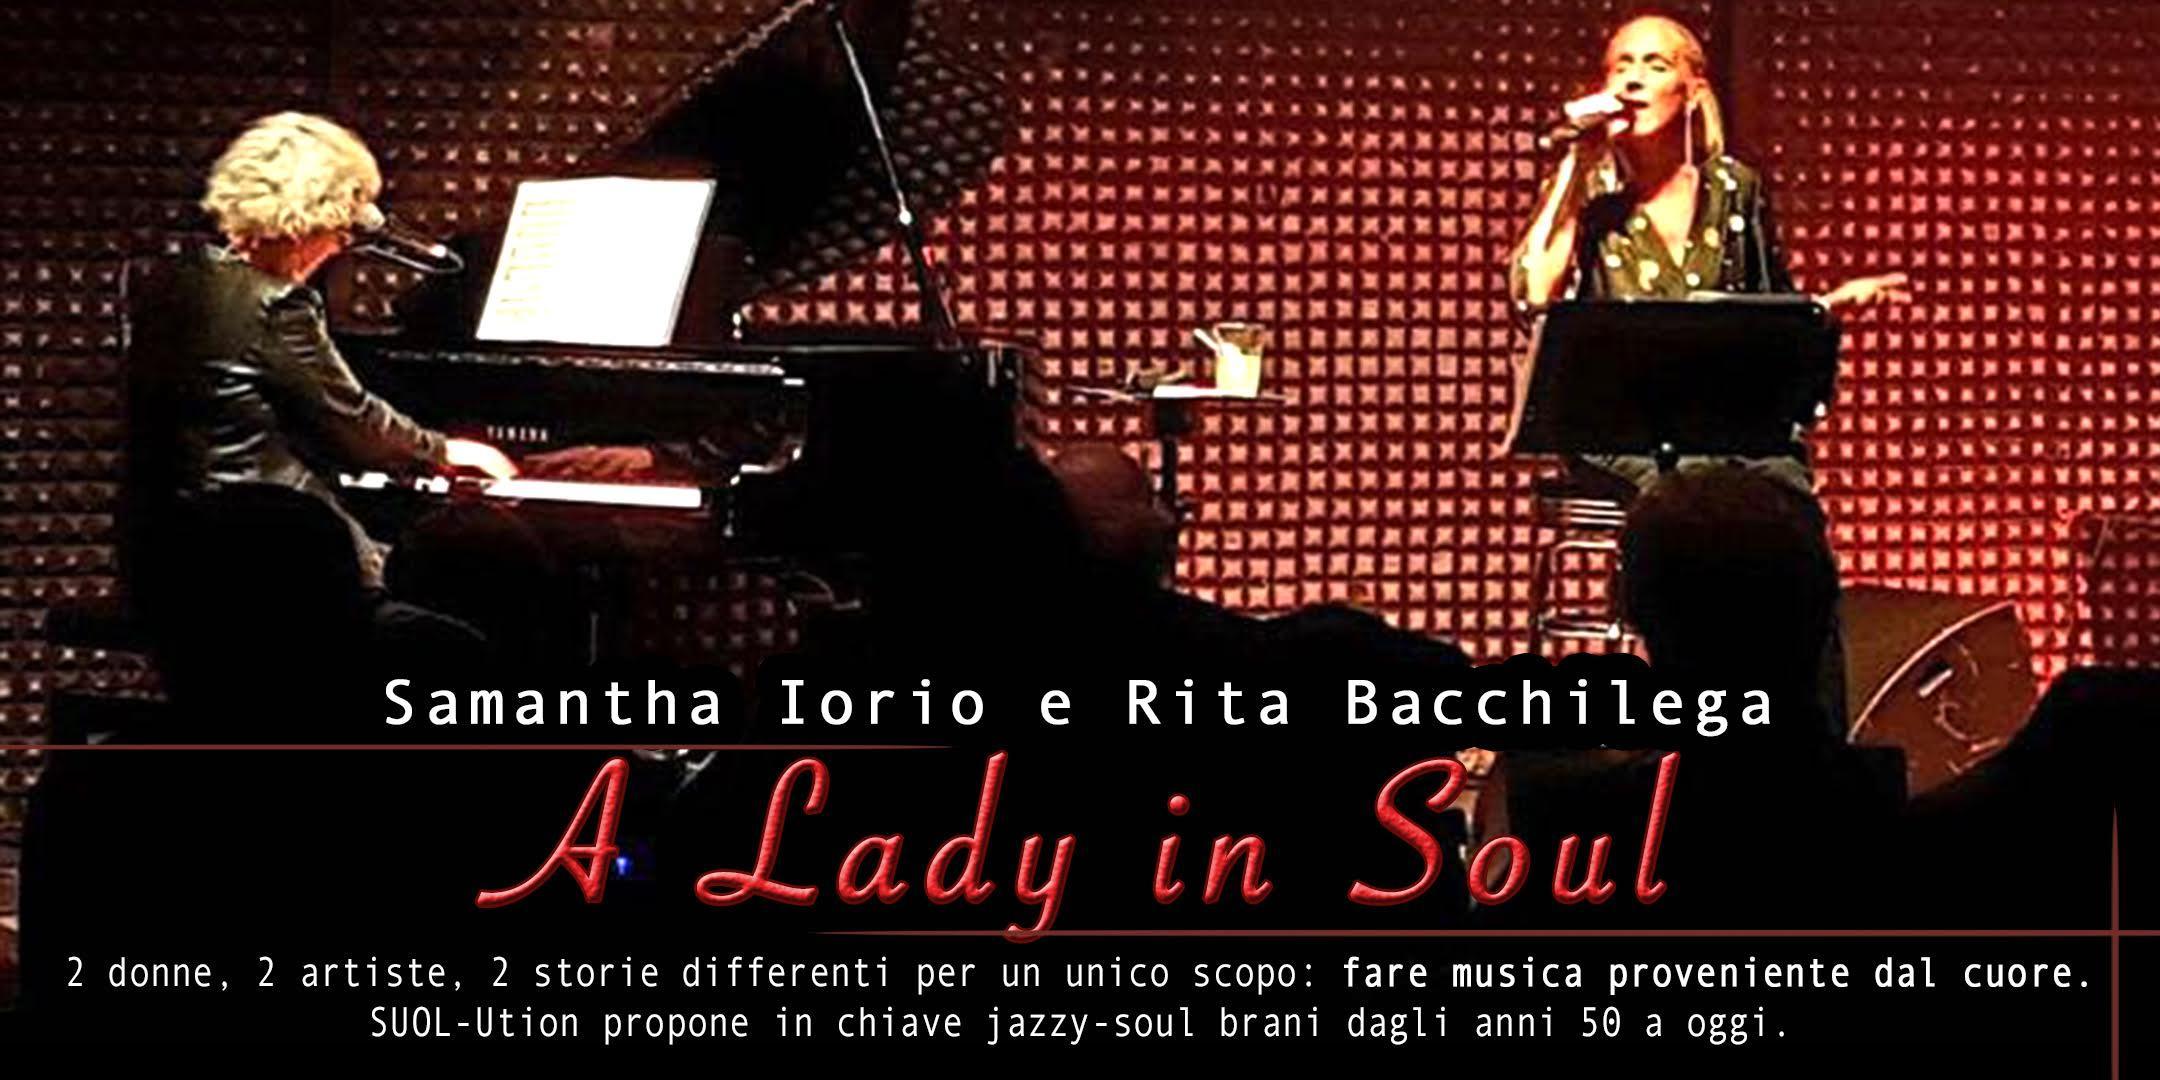 Scuola Di Musica Novate Milanese.A Lady In Soul Un Racconto Musicale 17 Feb 2018